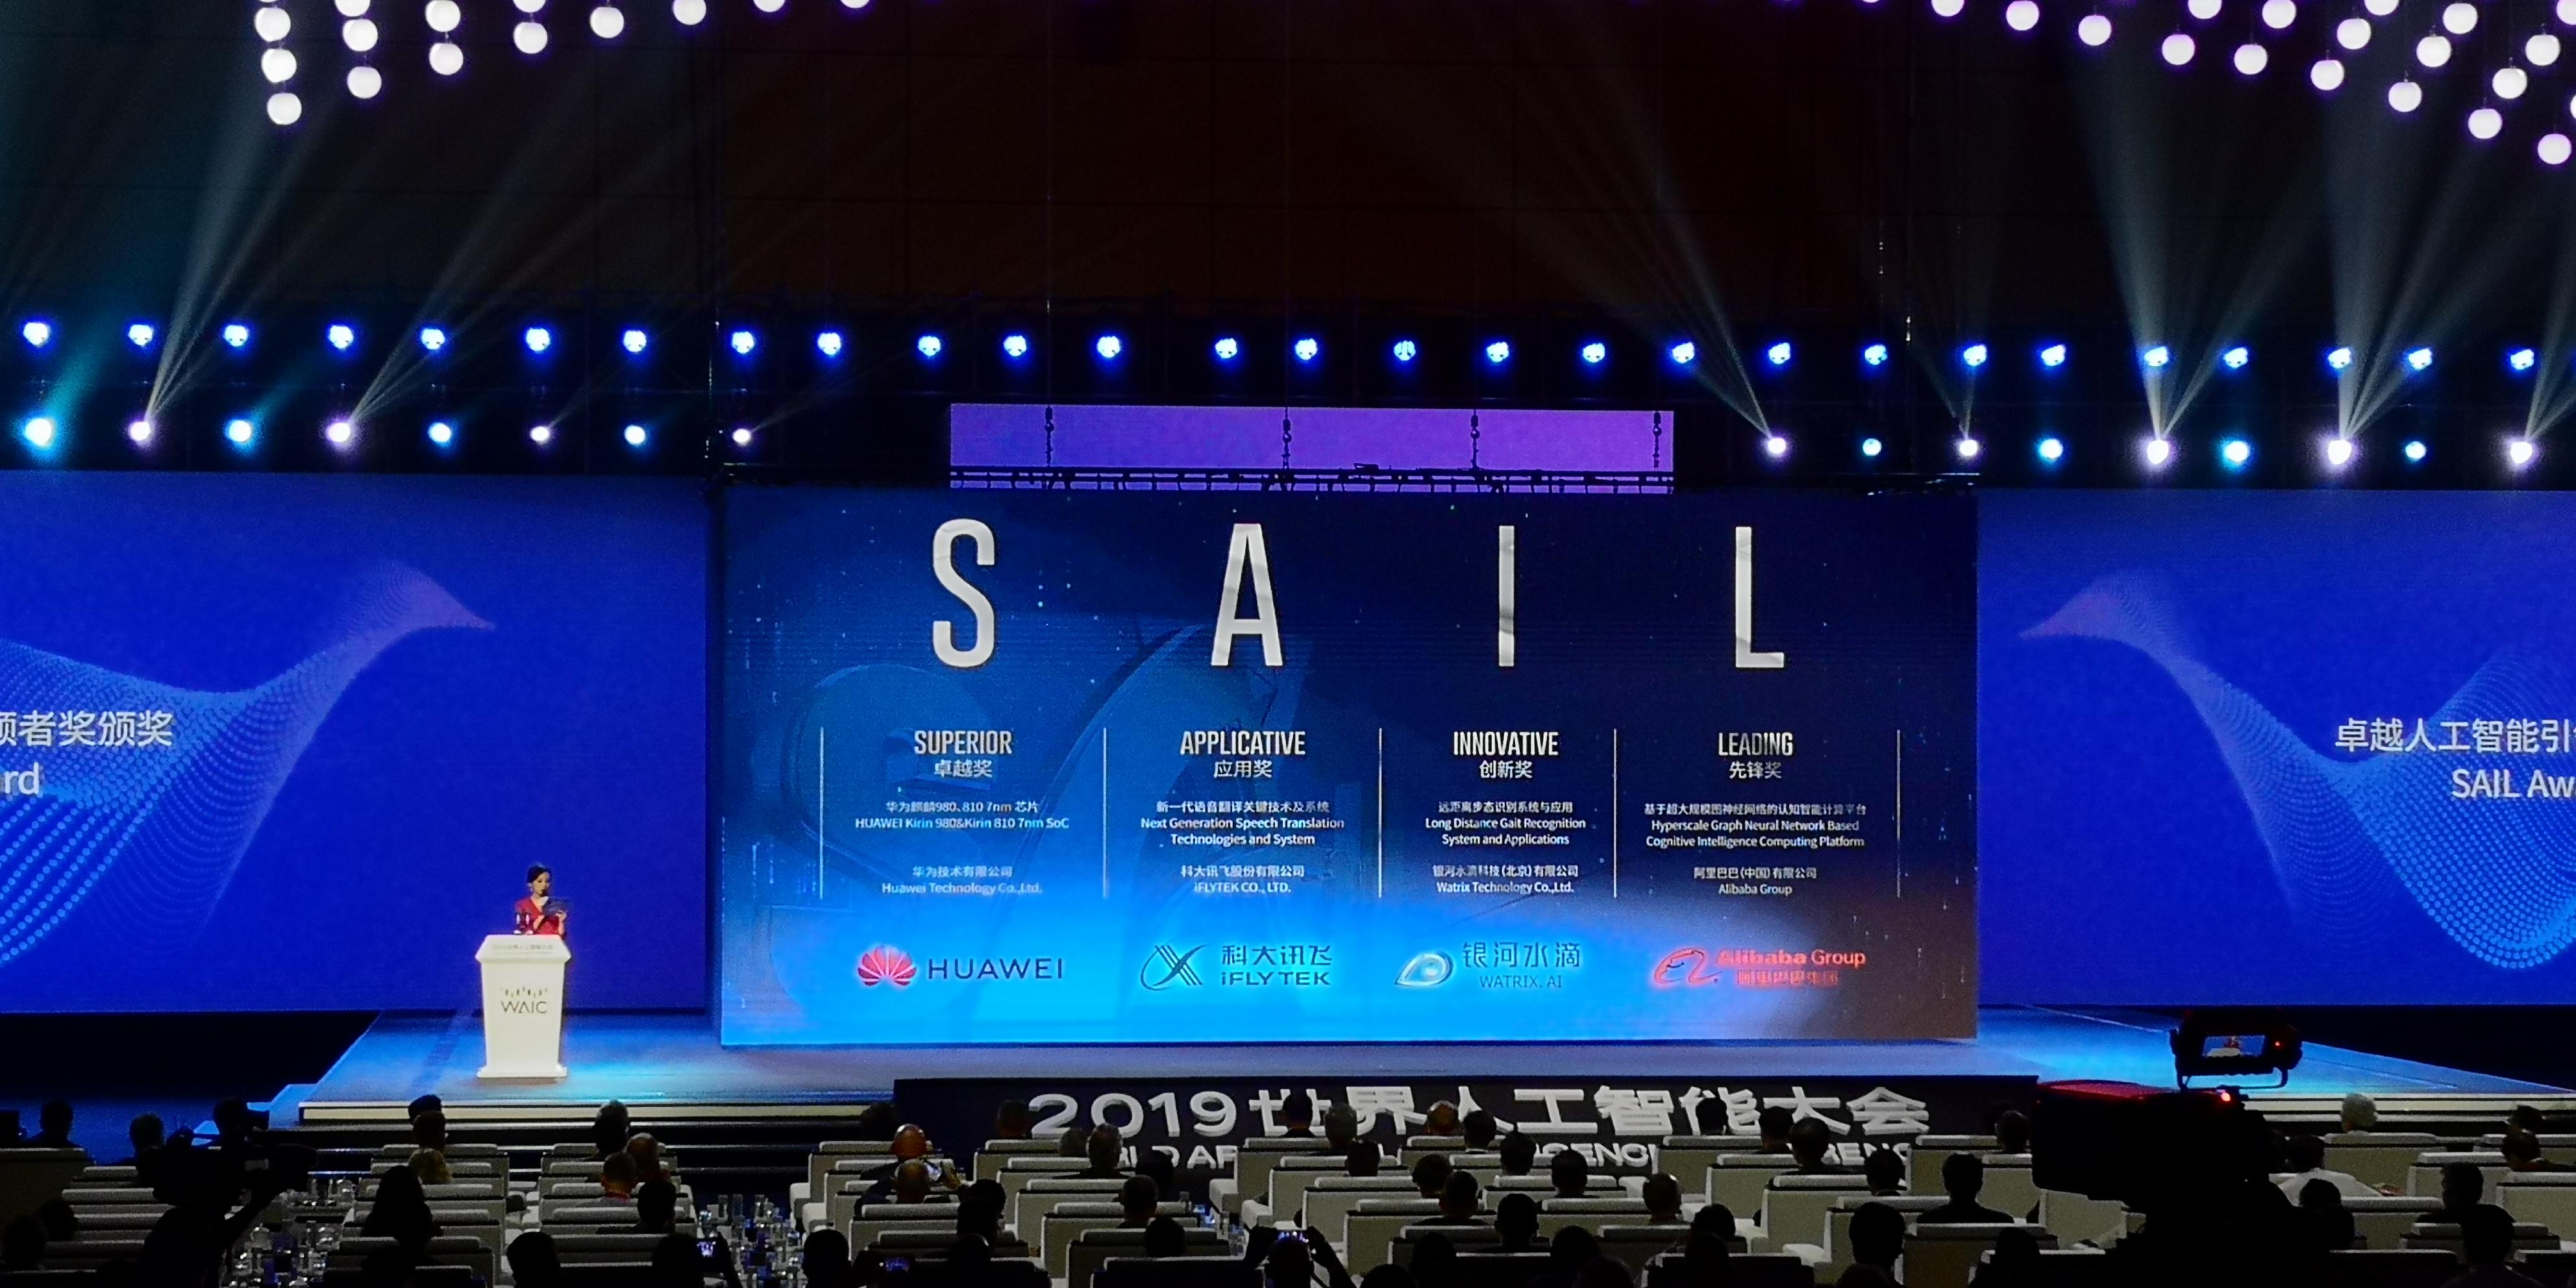 世界人工智能大会在沪开幕 科大讯飞翻译系统摘得SAIL应用奖